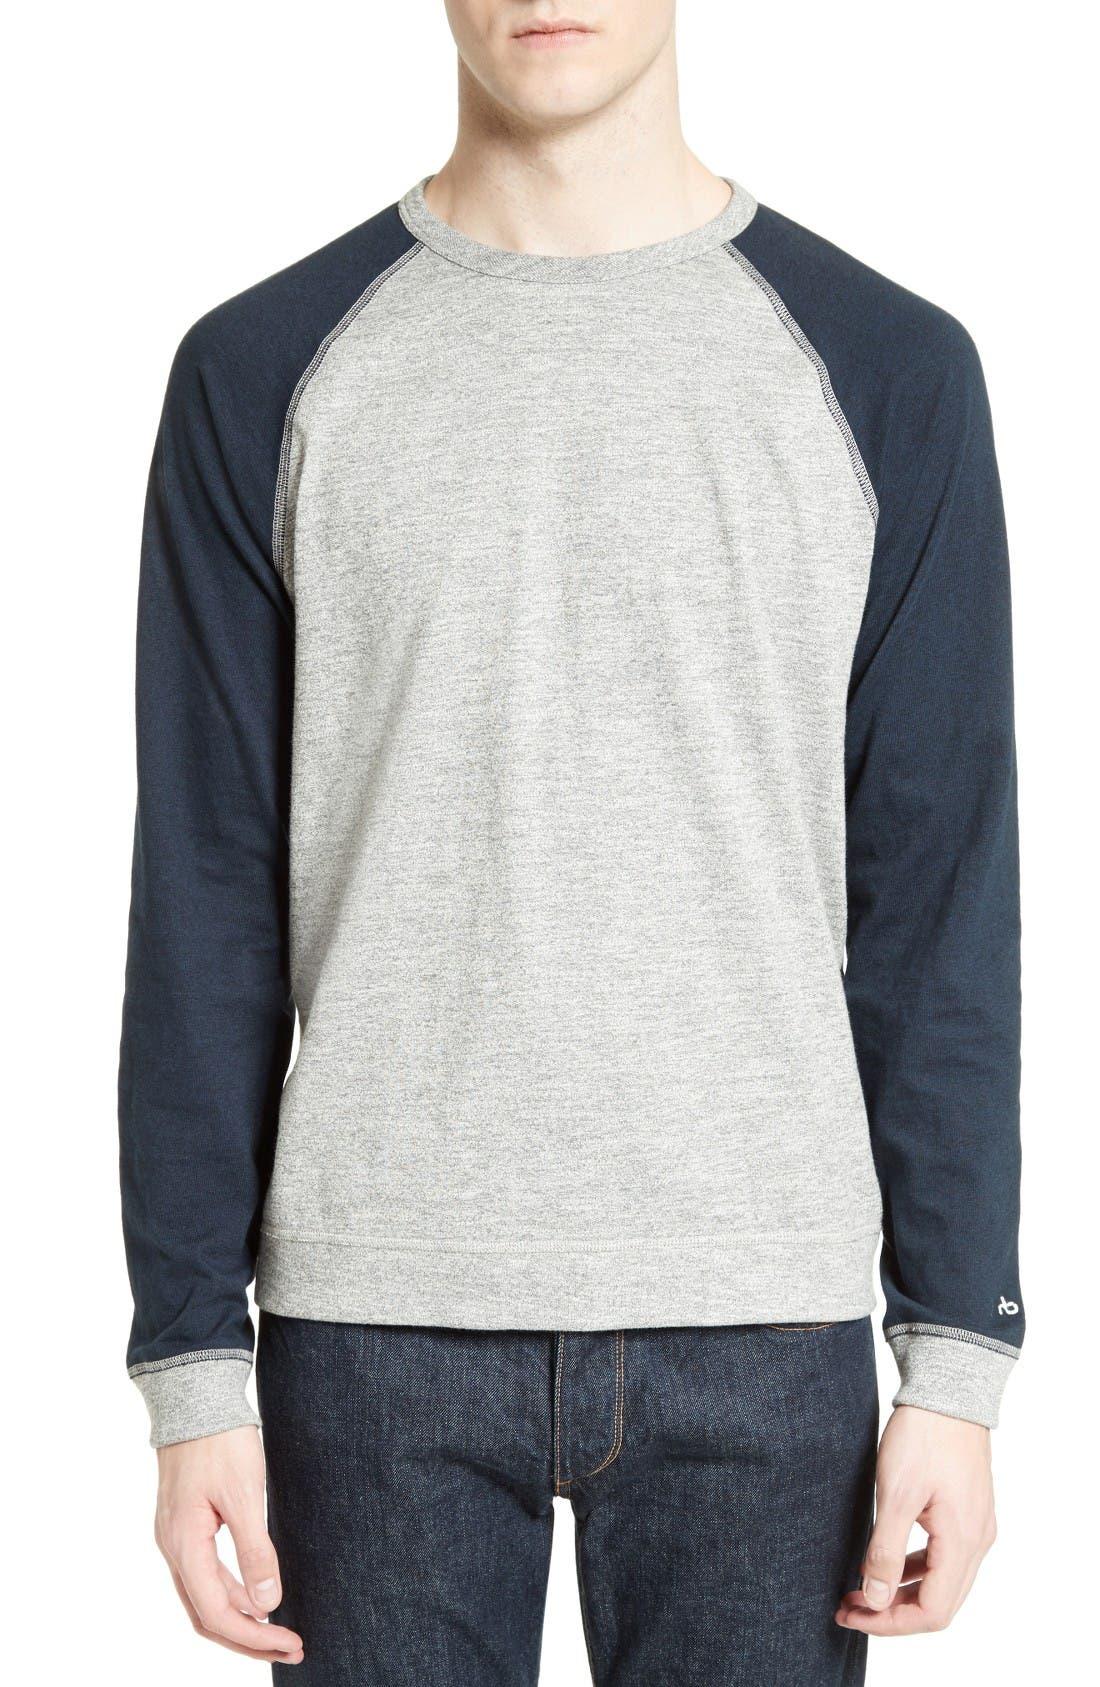 Alternate Image 1 Selected - rag & bone Colorblock Raglan Sleeve Sweatshirt